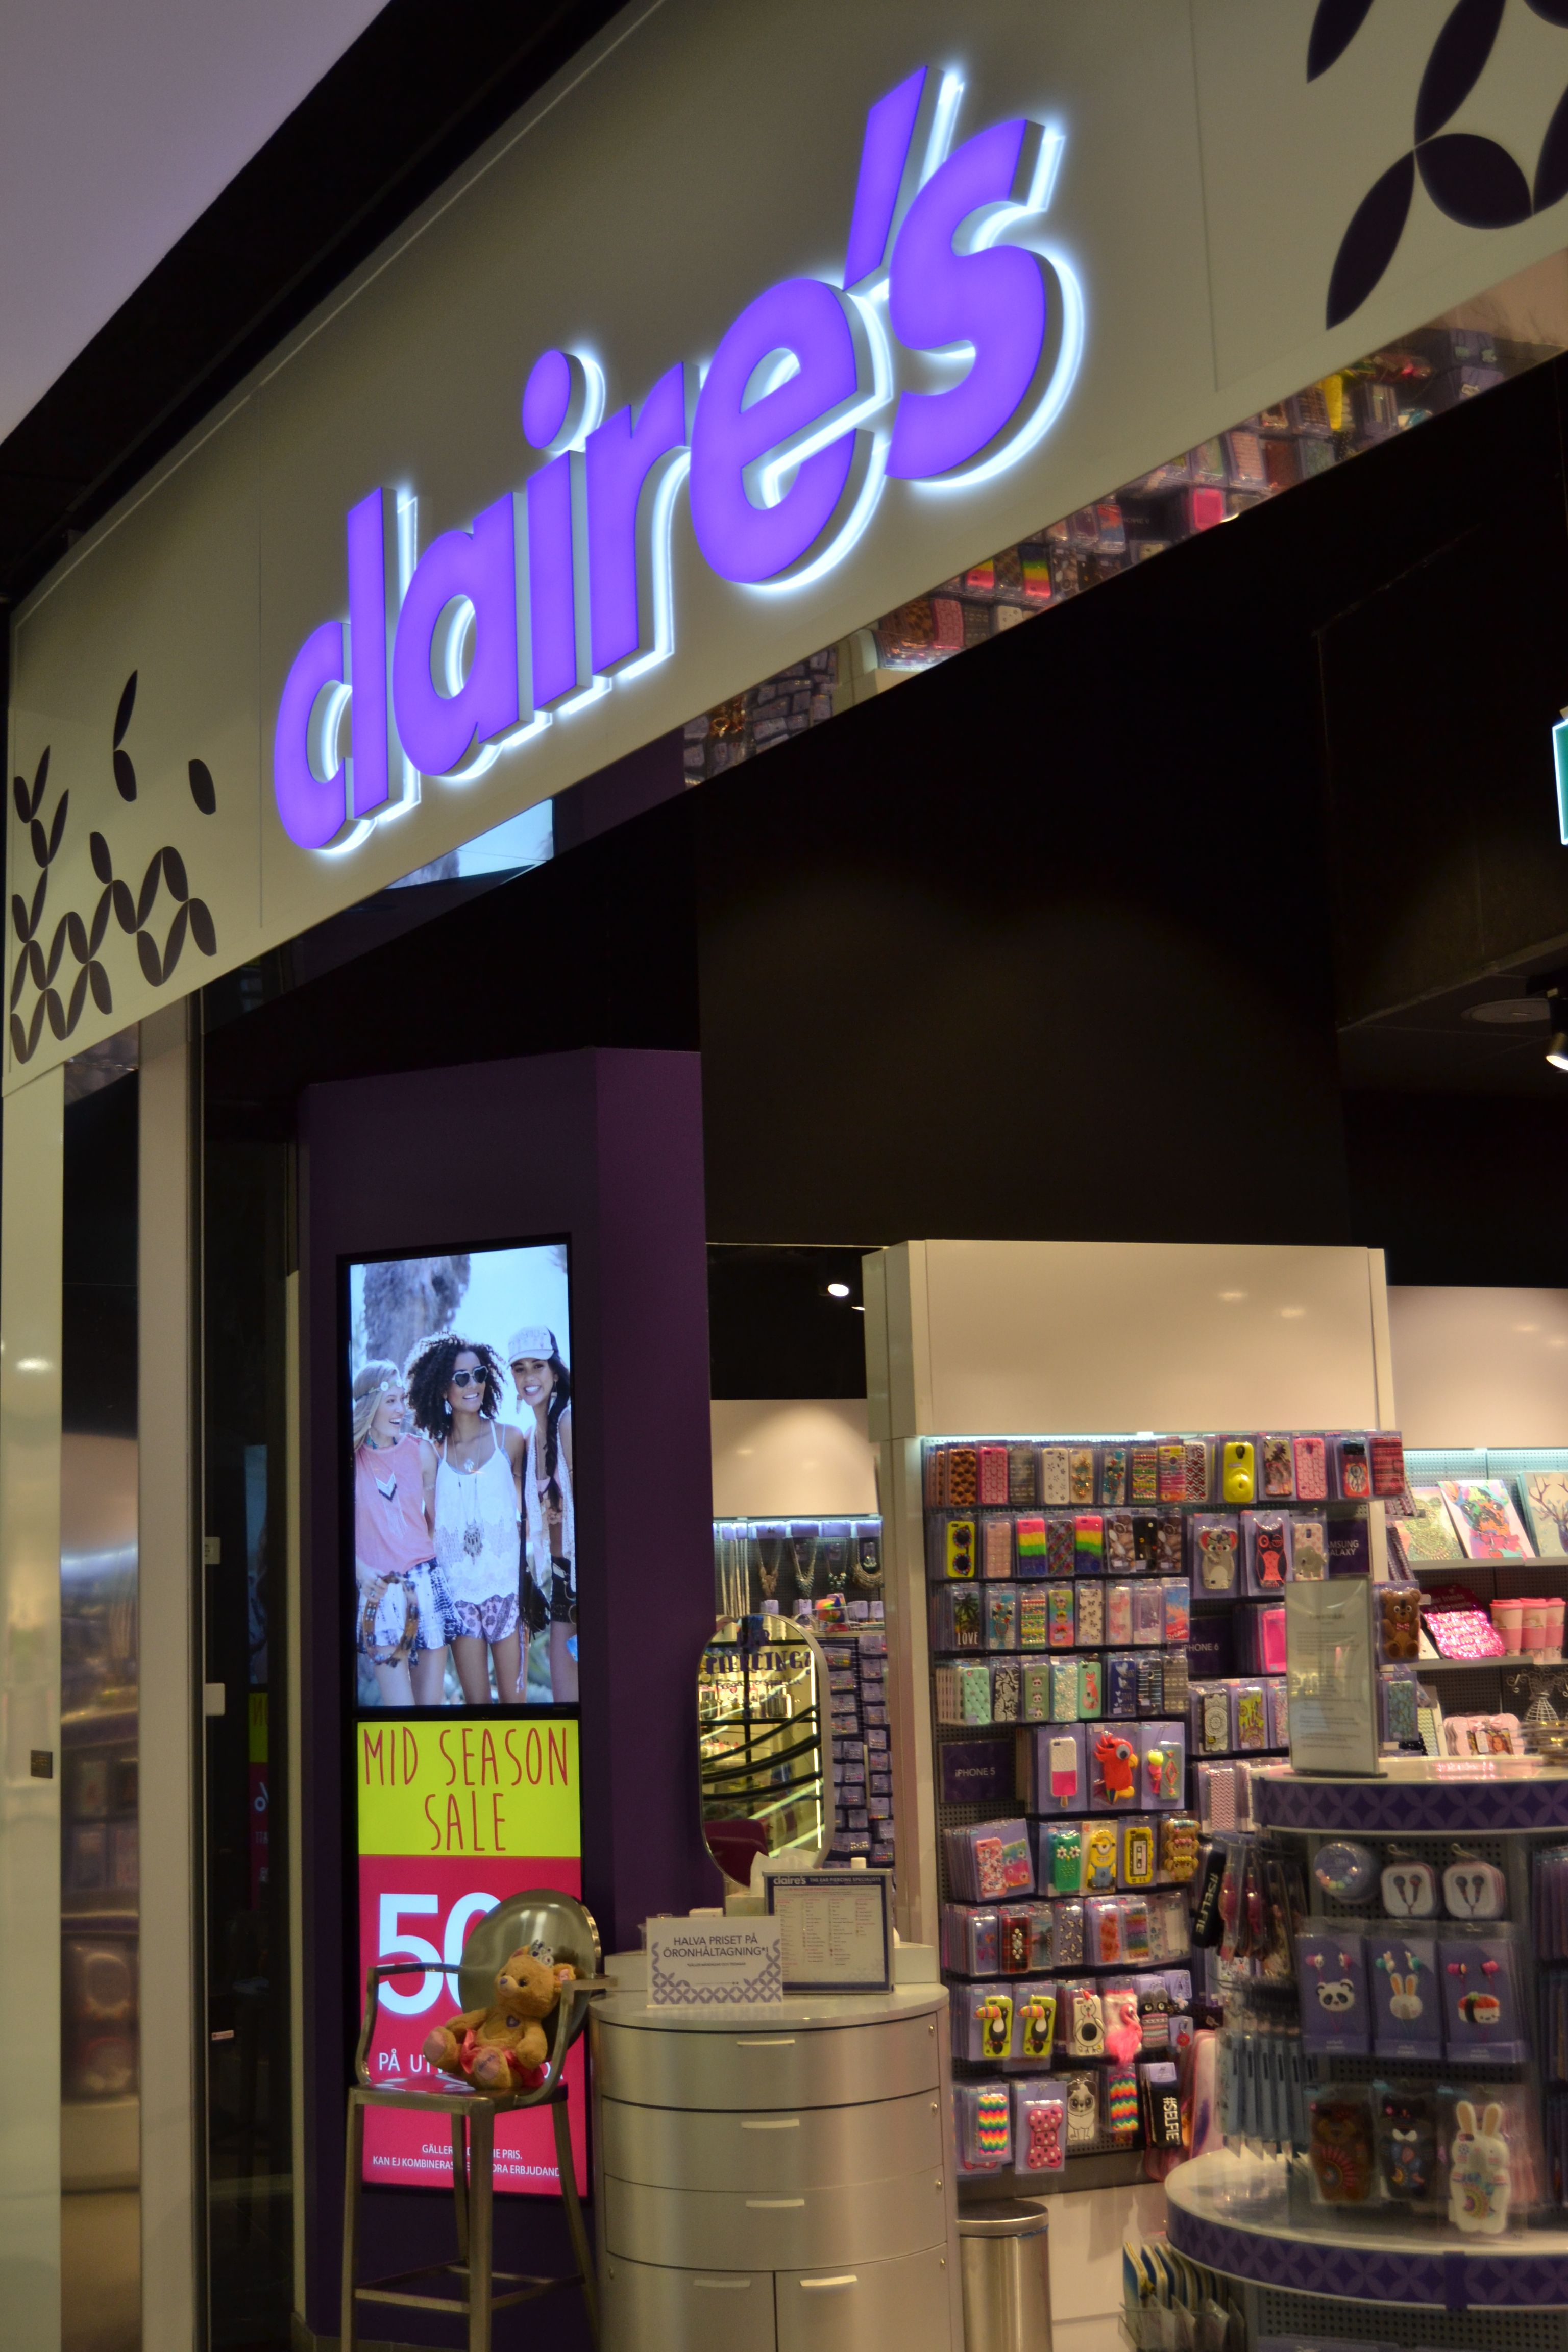 nagelsalong mall of scandinavia